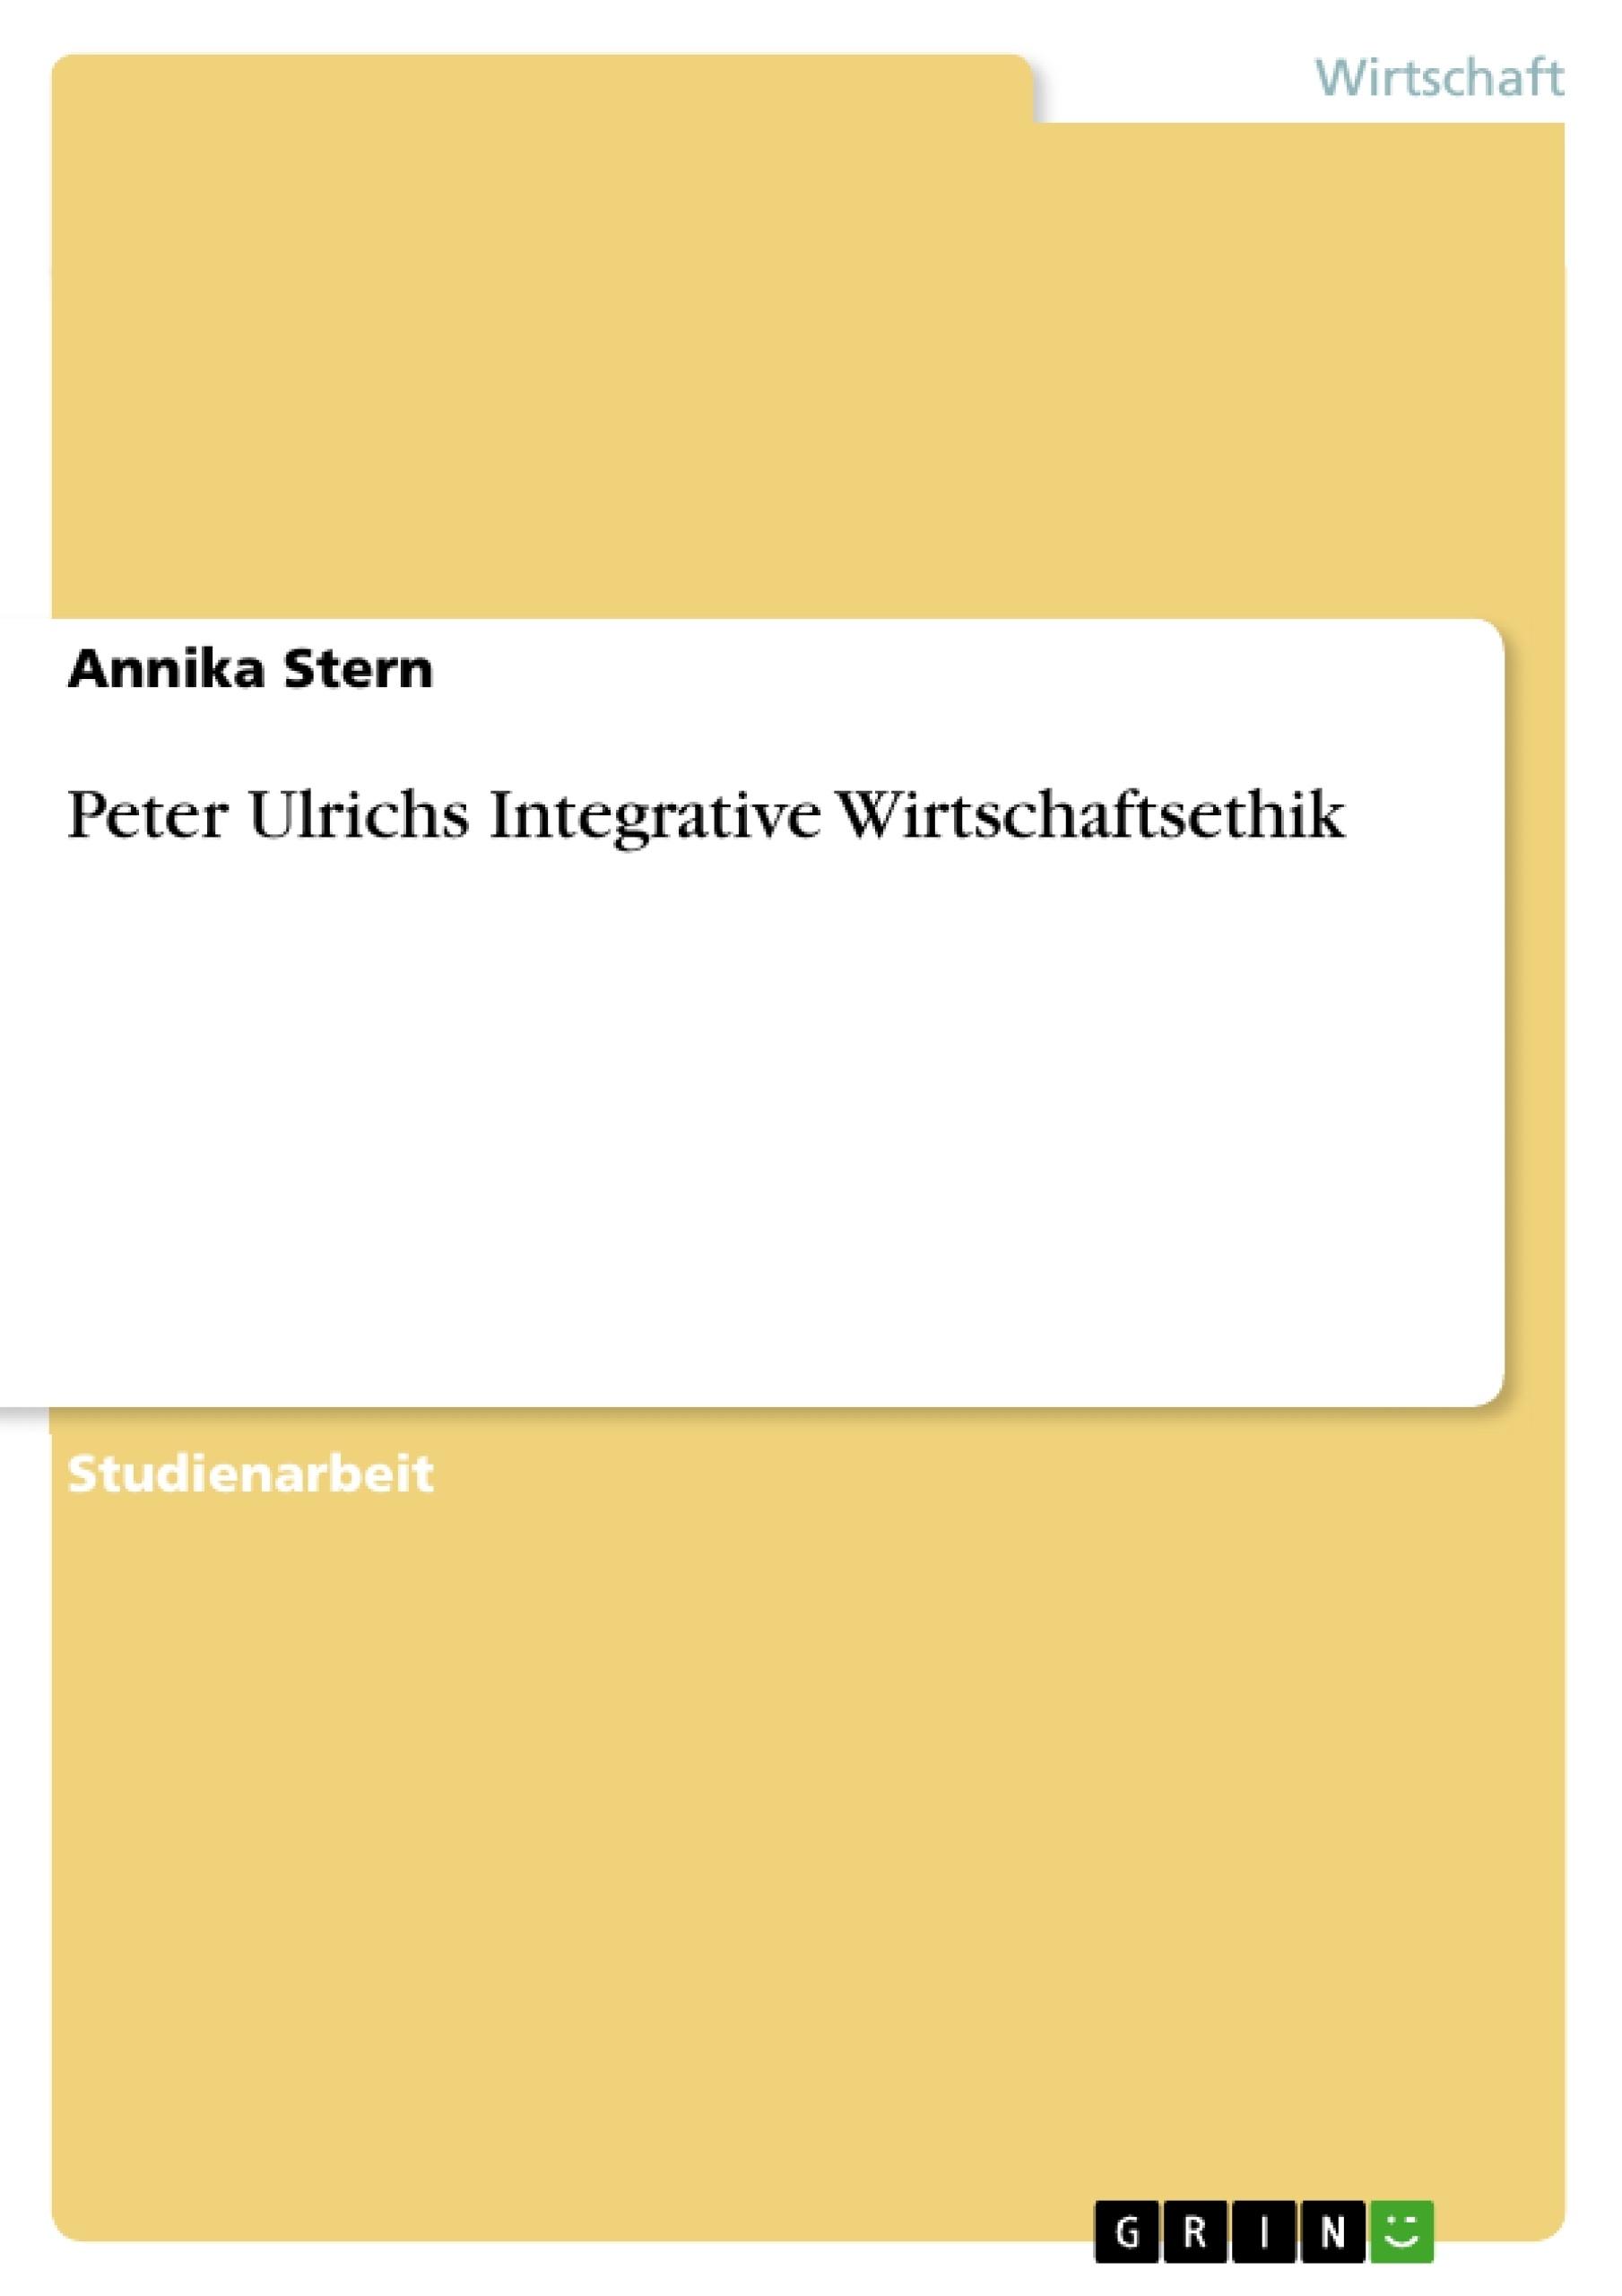 Titel: Peter Ulrichs Integrative Wirtschaftsethik